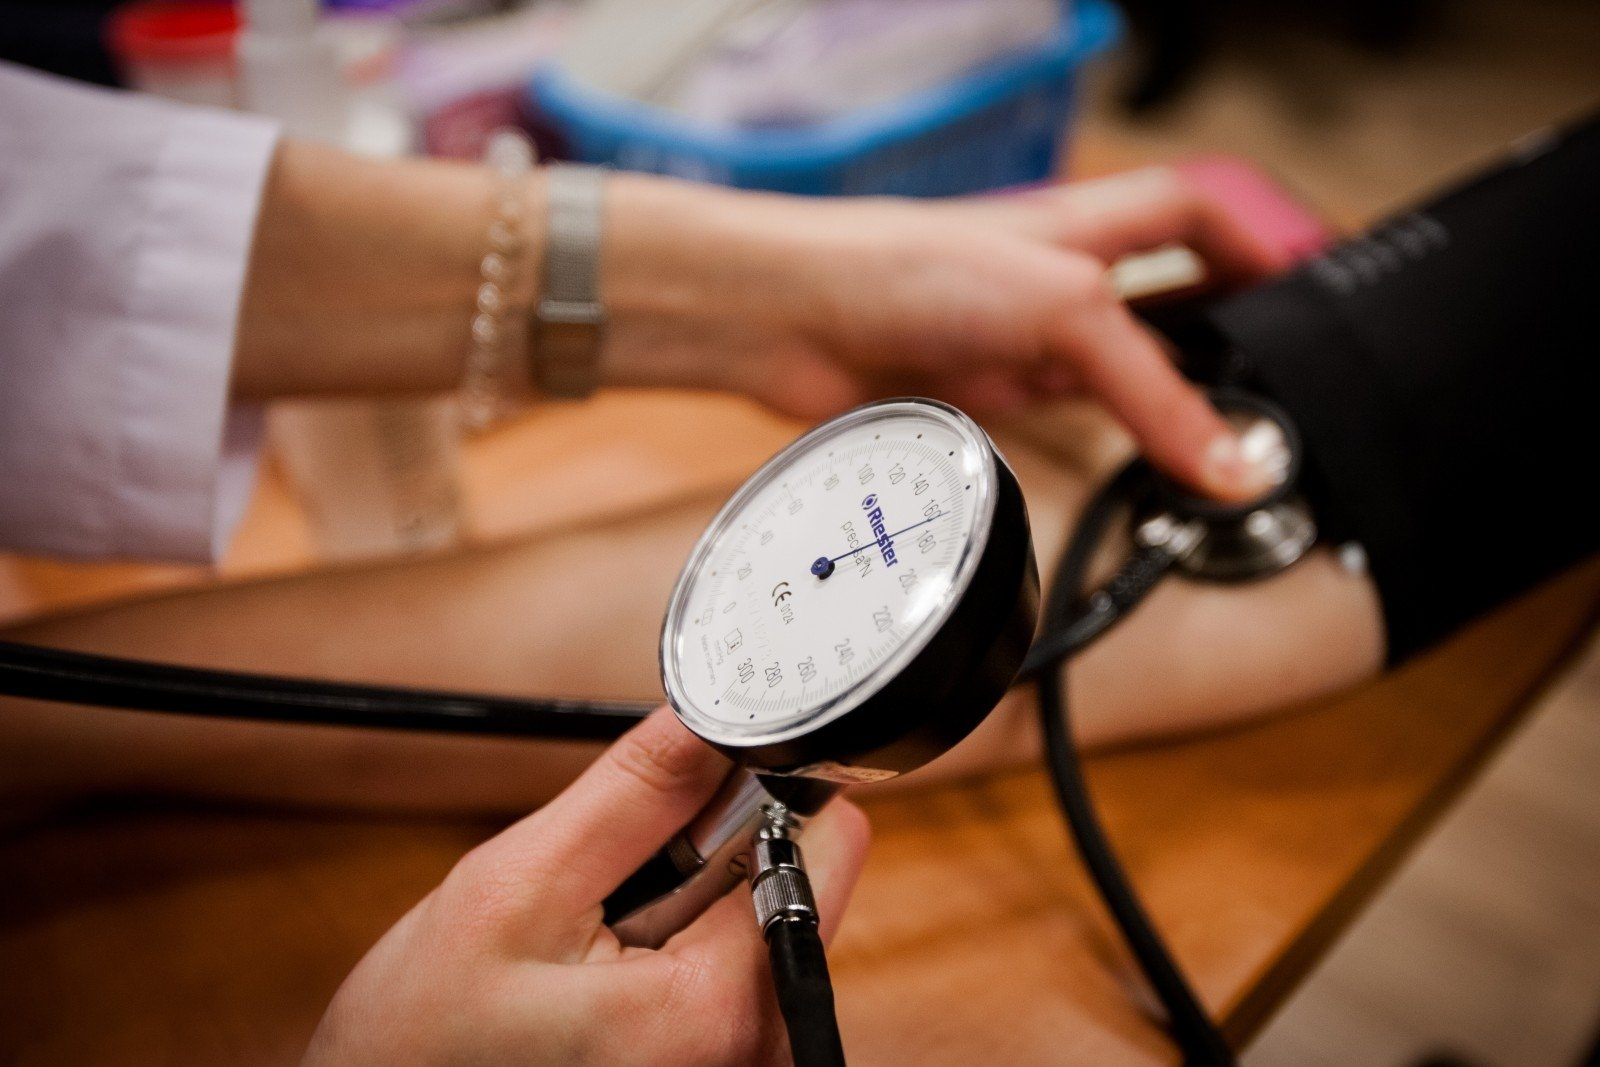 Kas gali būti priežastis, kai jūsų širdis skamba garsiai? - Hipertenzija November